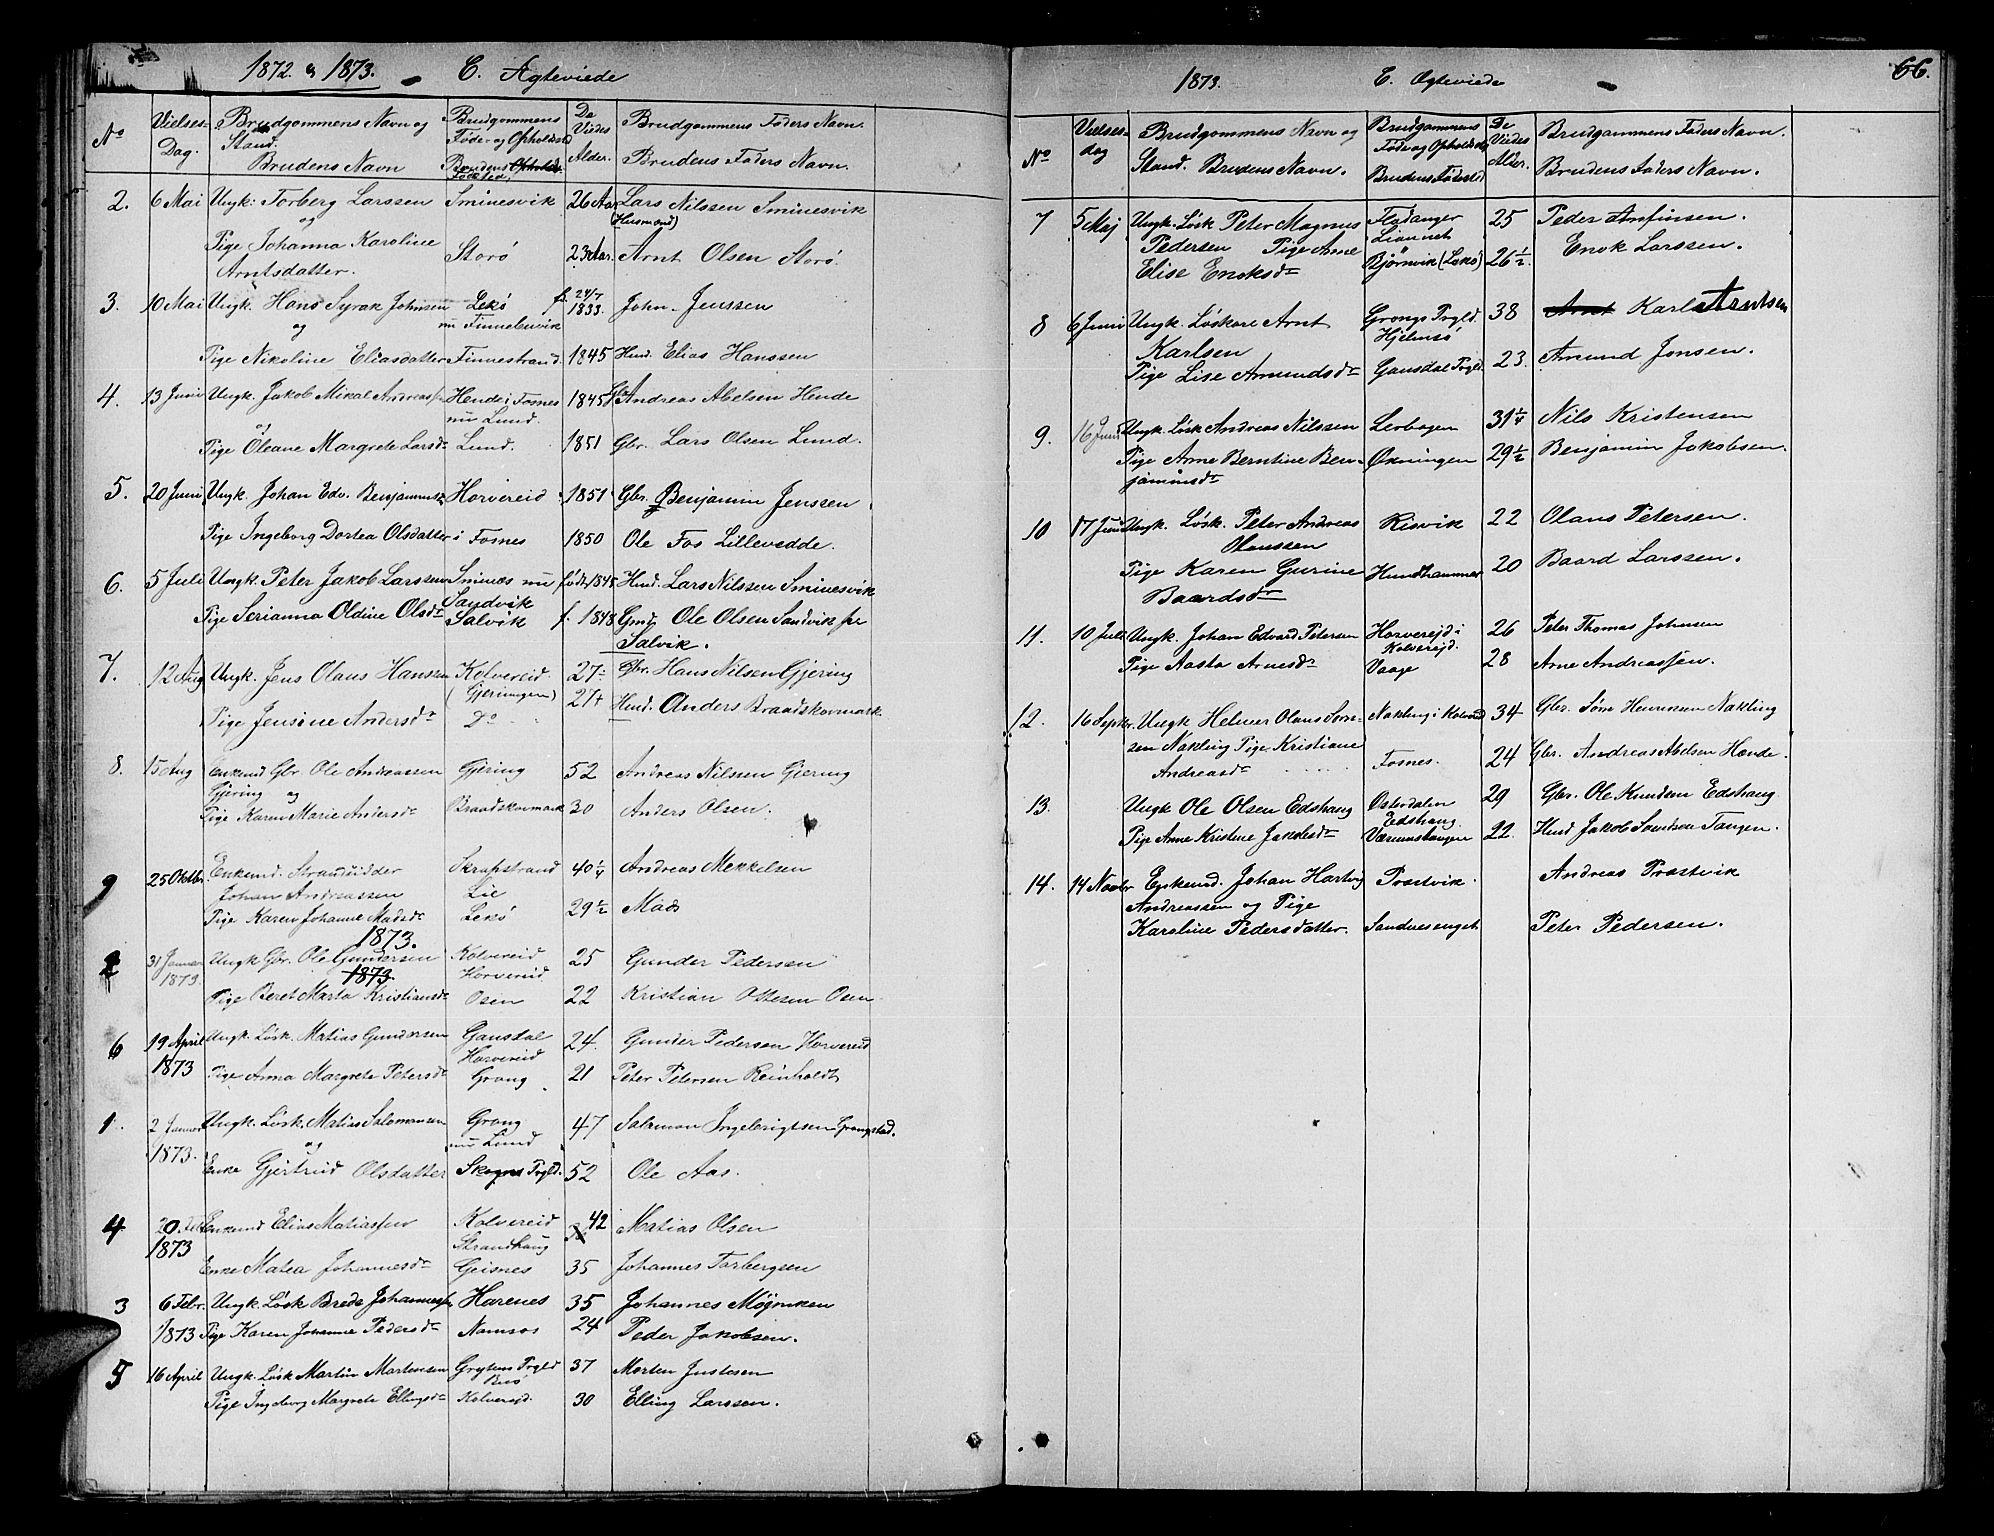 SAT, Ministerialprotokoller, klokkerbøker og fødselsregistre - Nord-Trøndelag, 780/L0650: Klokkerbok nr. 780C02, 1866-1884, s. 66